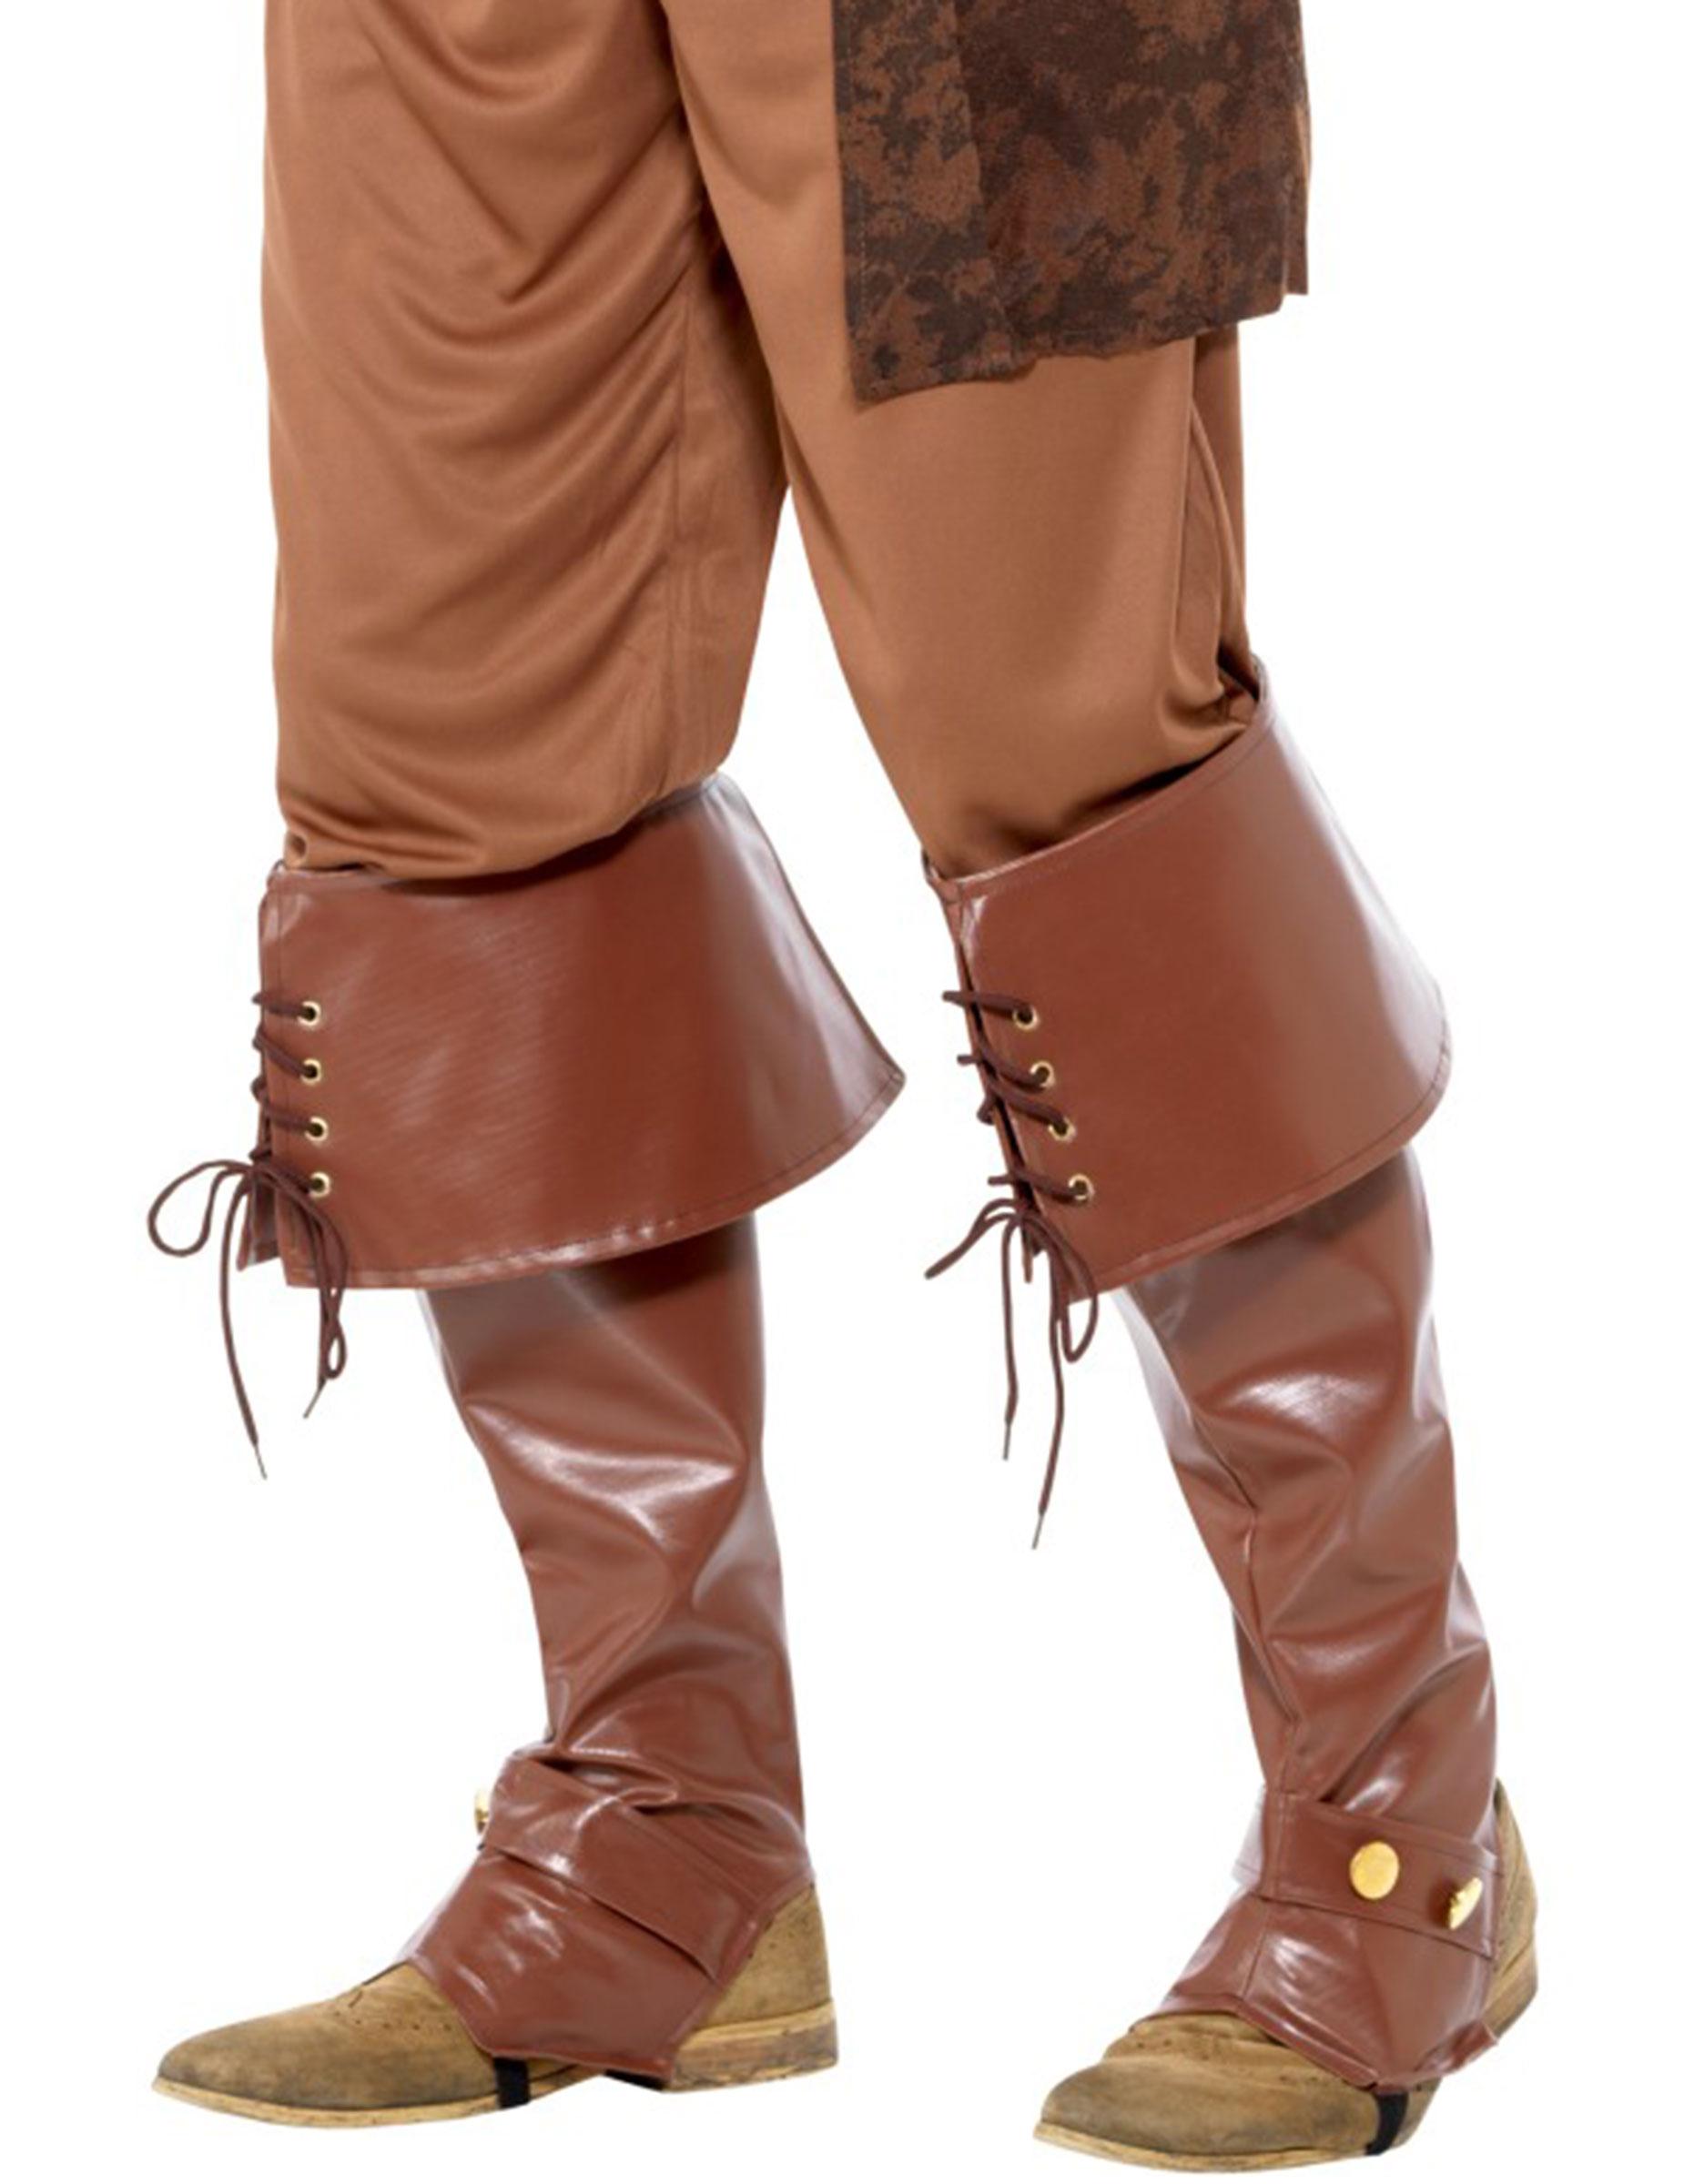 Beinstulpen Lederoptik Piraten Kostümzubehör braun